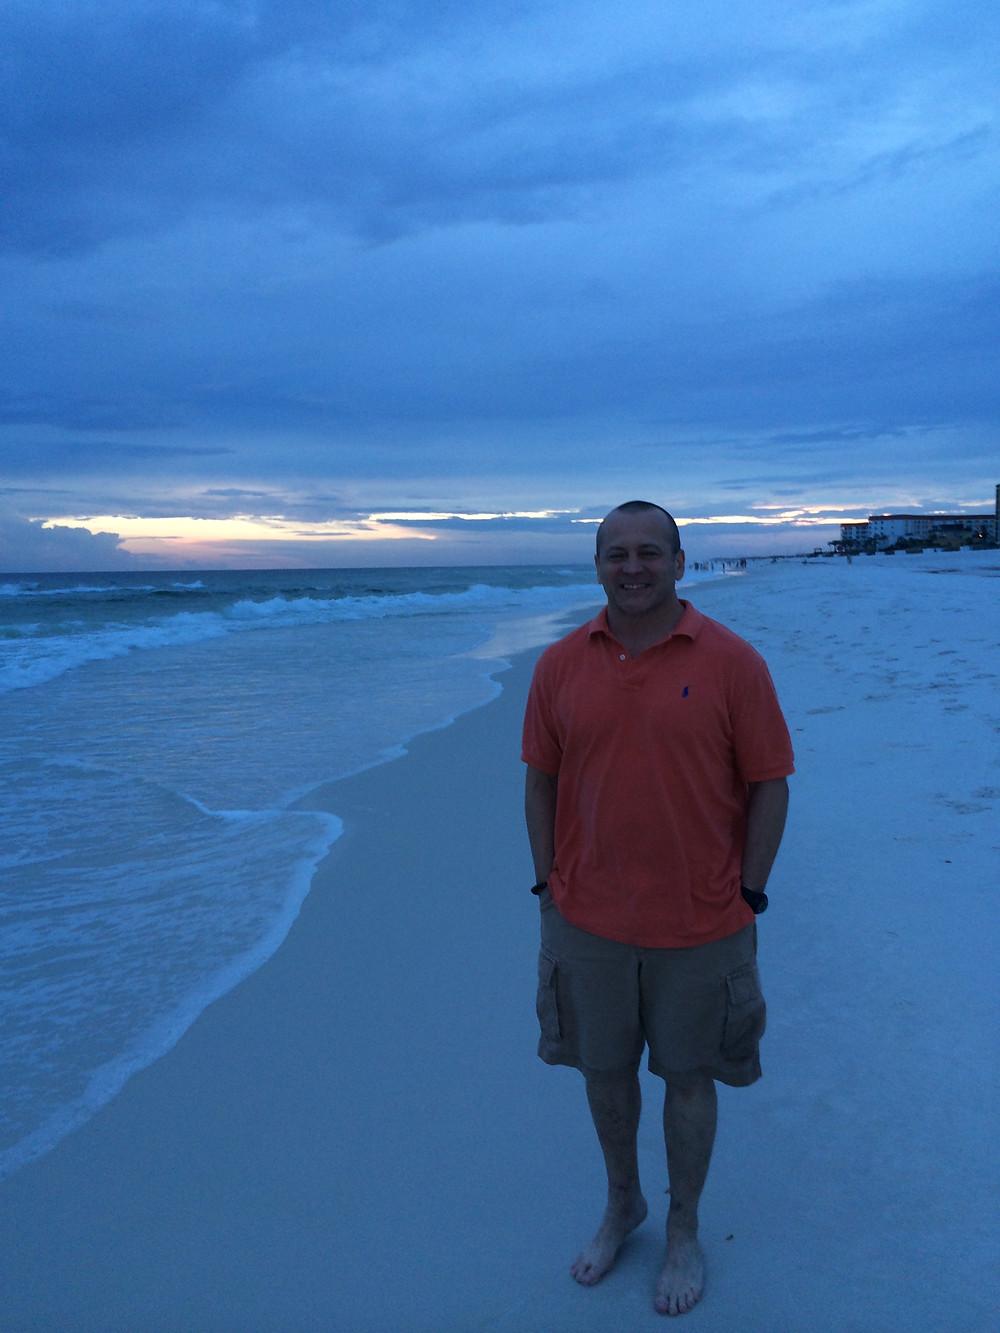 BEACH, HUSBAND, FORT WALTON BEACH, FLORIDA, WHITE SANDS, OCEAN, SUNSET